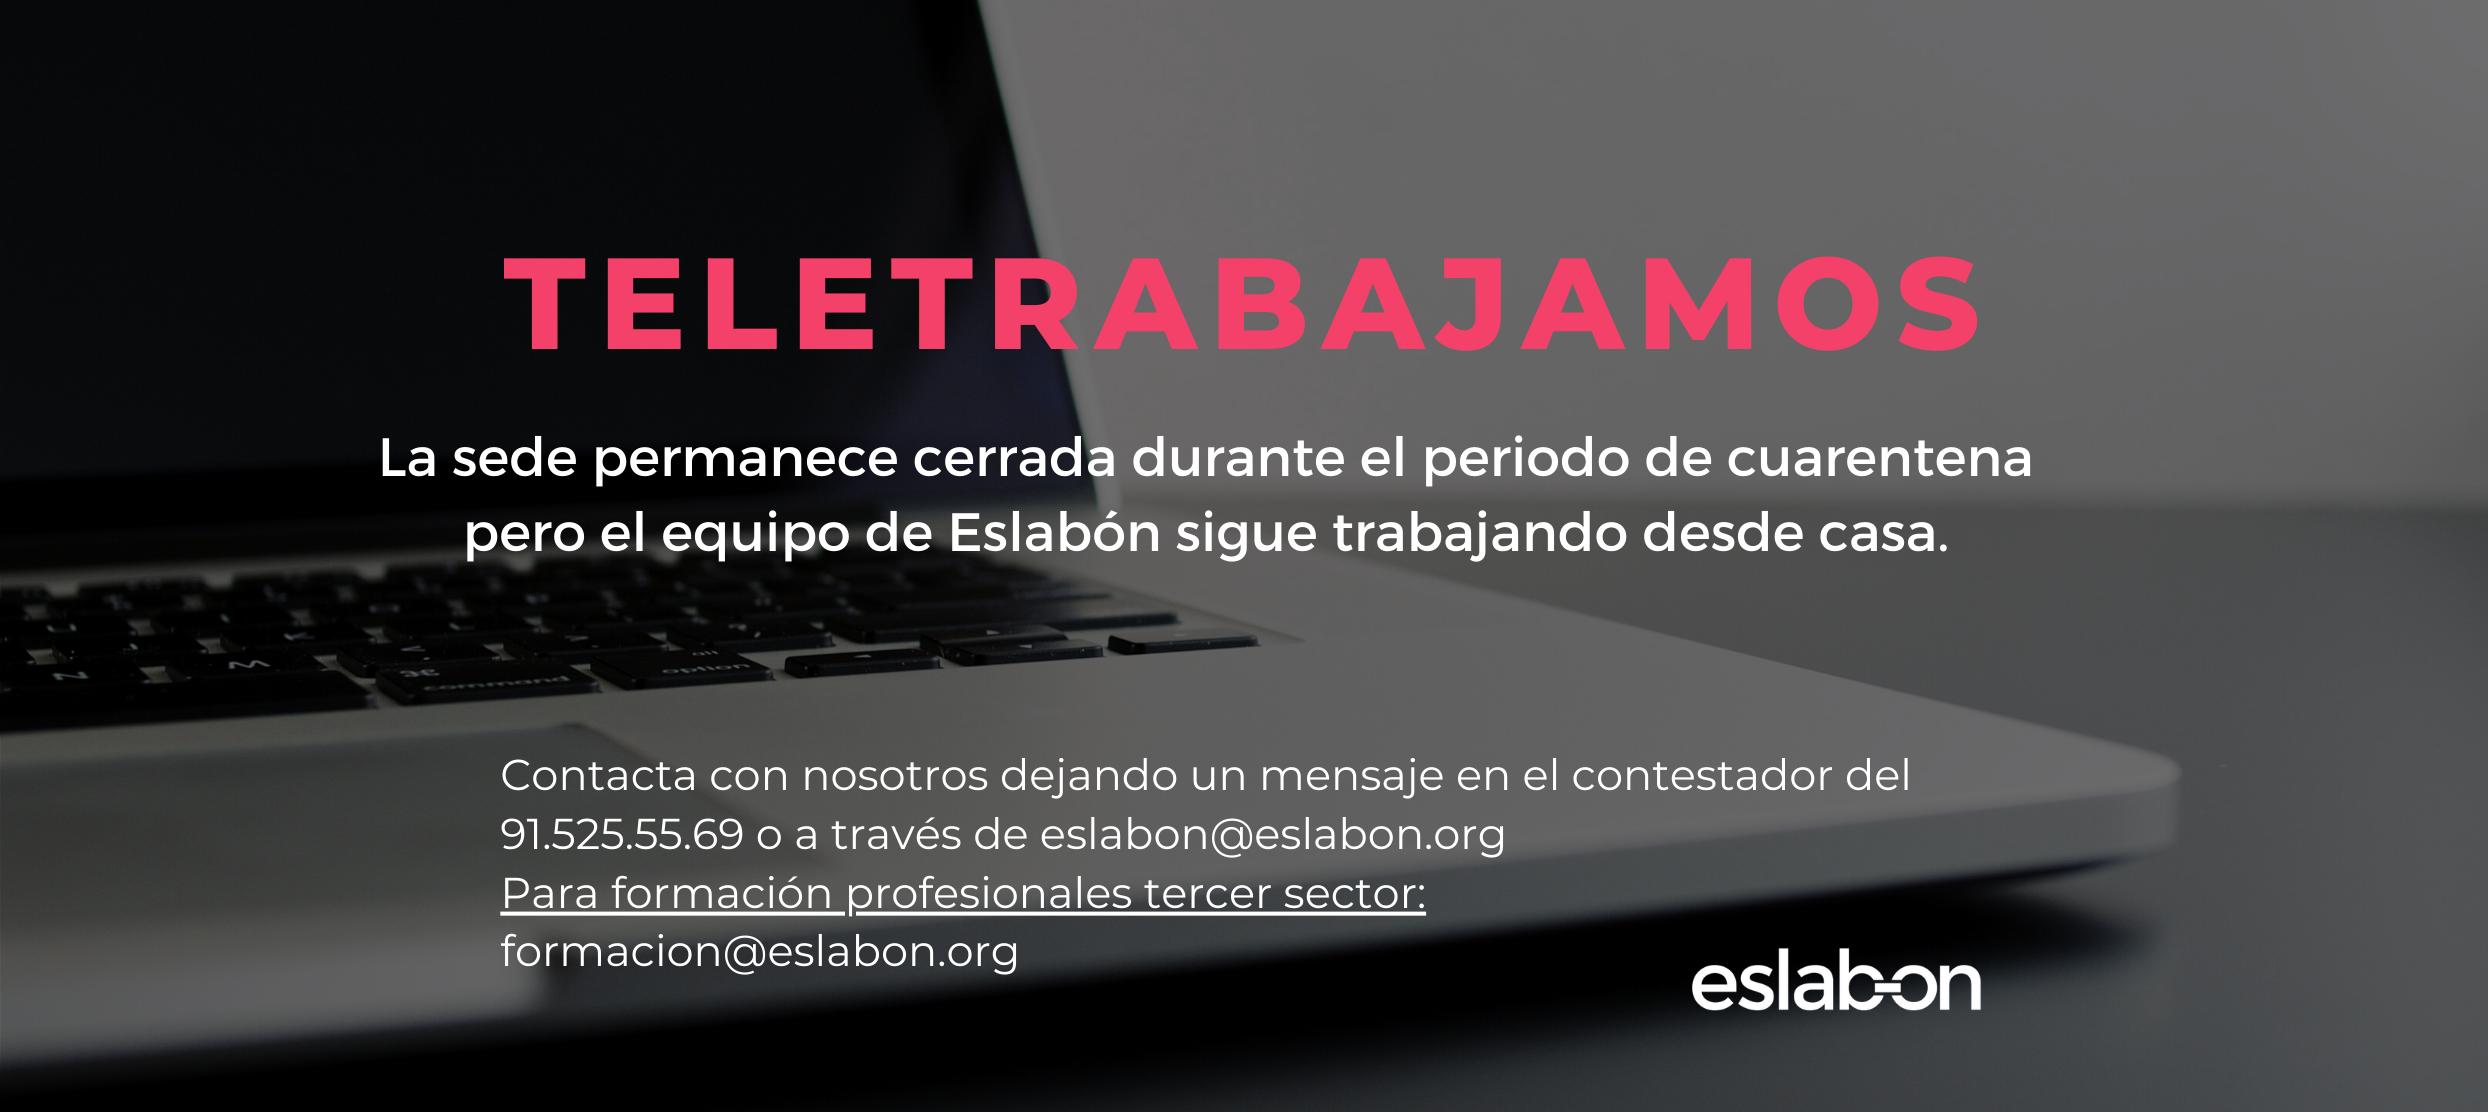 Banners web teletrabajamos Eslabón